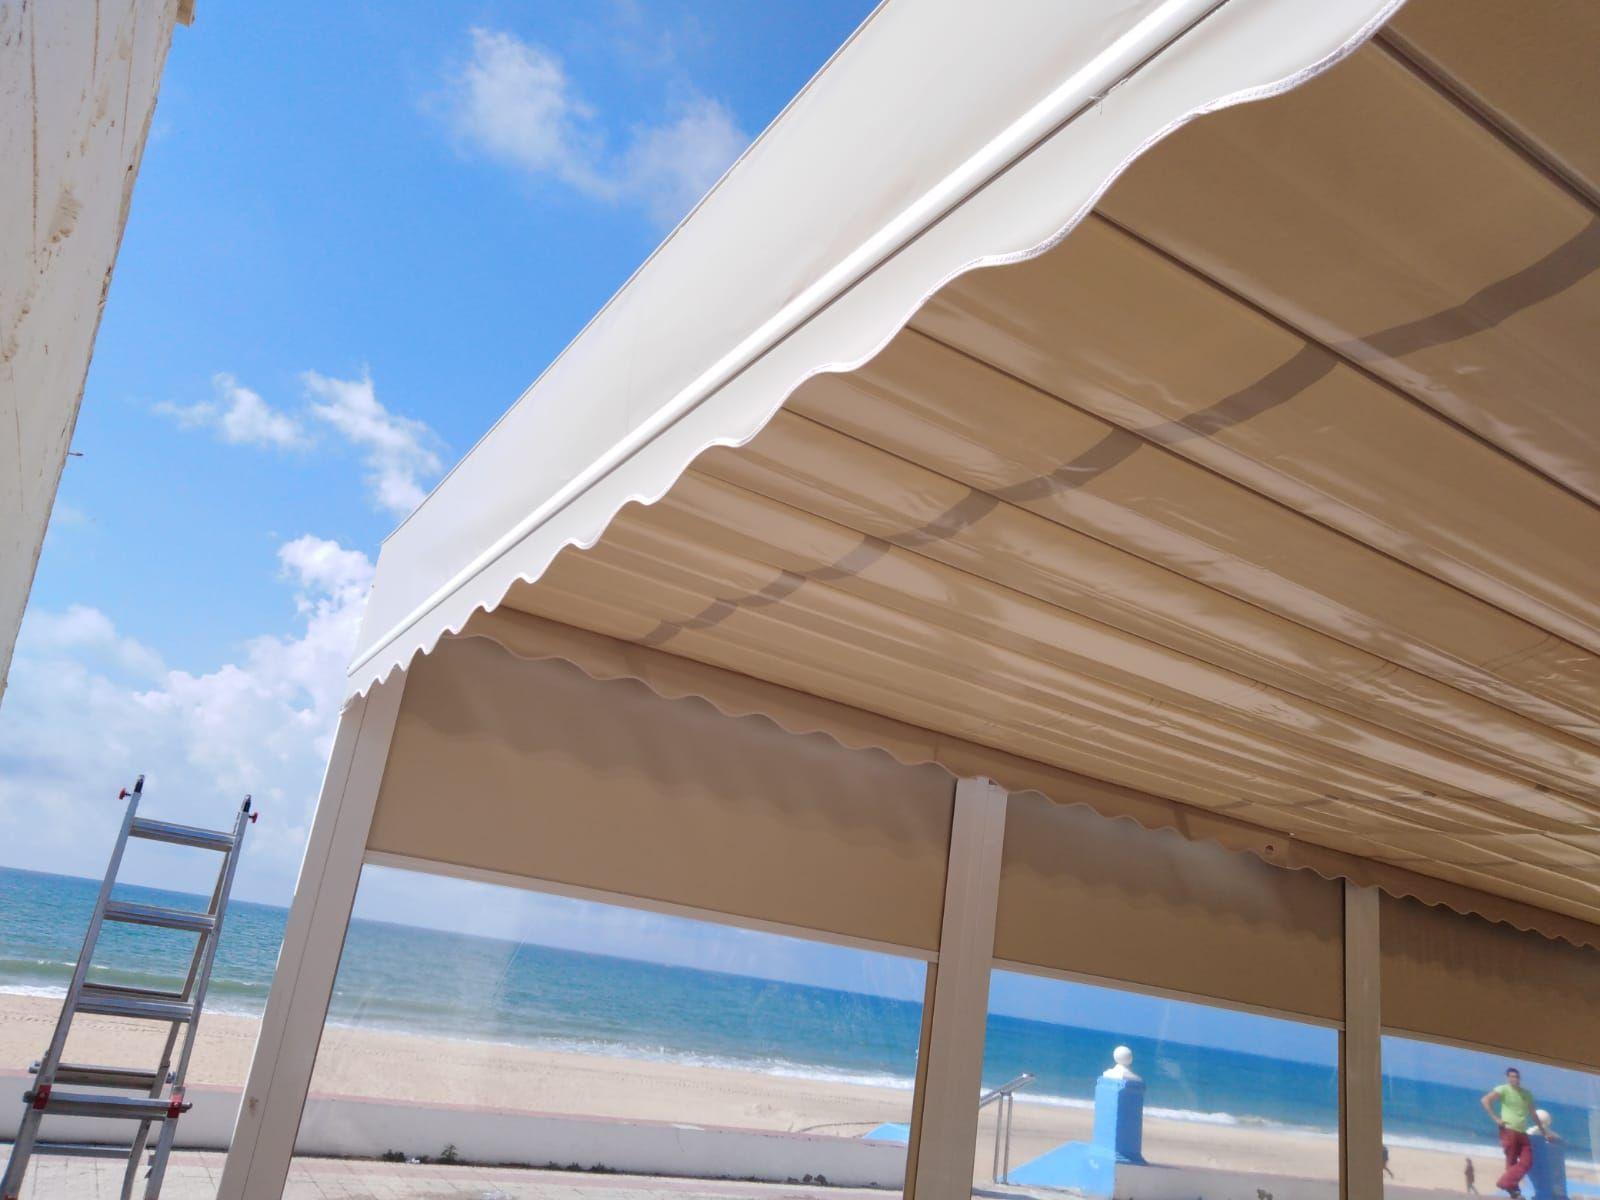 Instalación de toldos en Huelva